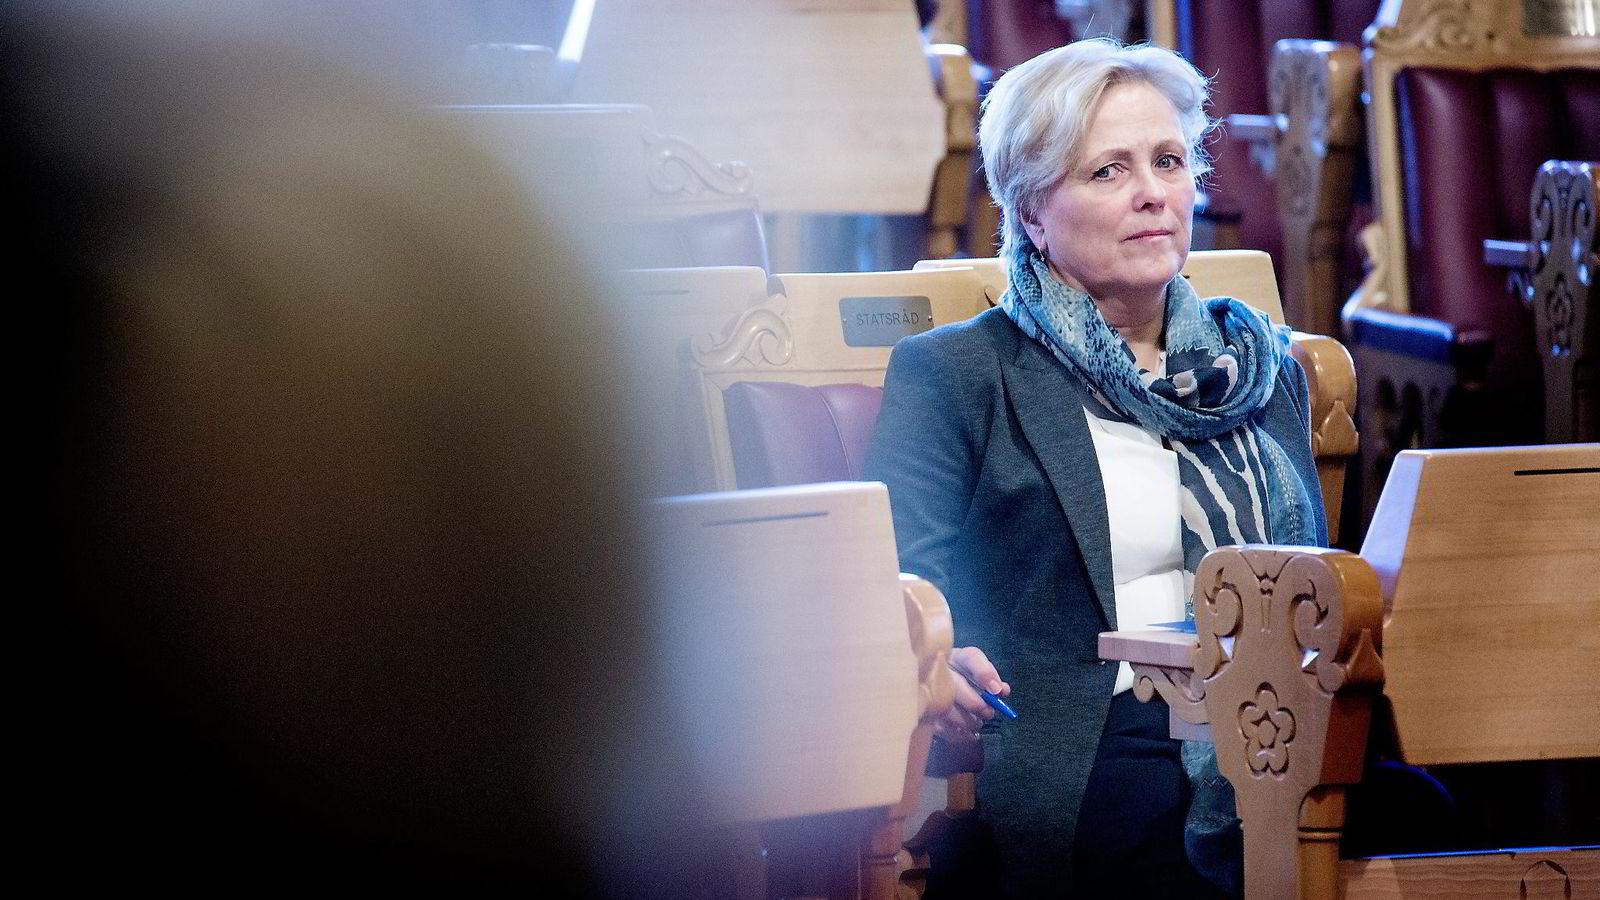 Kulturminister Thorhild Widwey setter fagbladene i bås med ukebladene. Den samme båssettingen bidrar også fagpressen selv til, skriver innleggsforfatteren. Foto: Ida von Hanno Bast